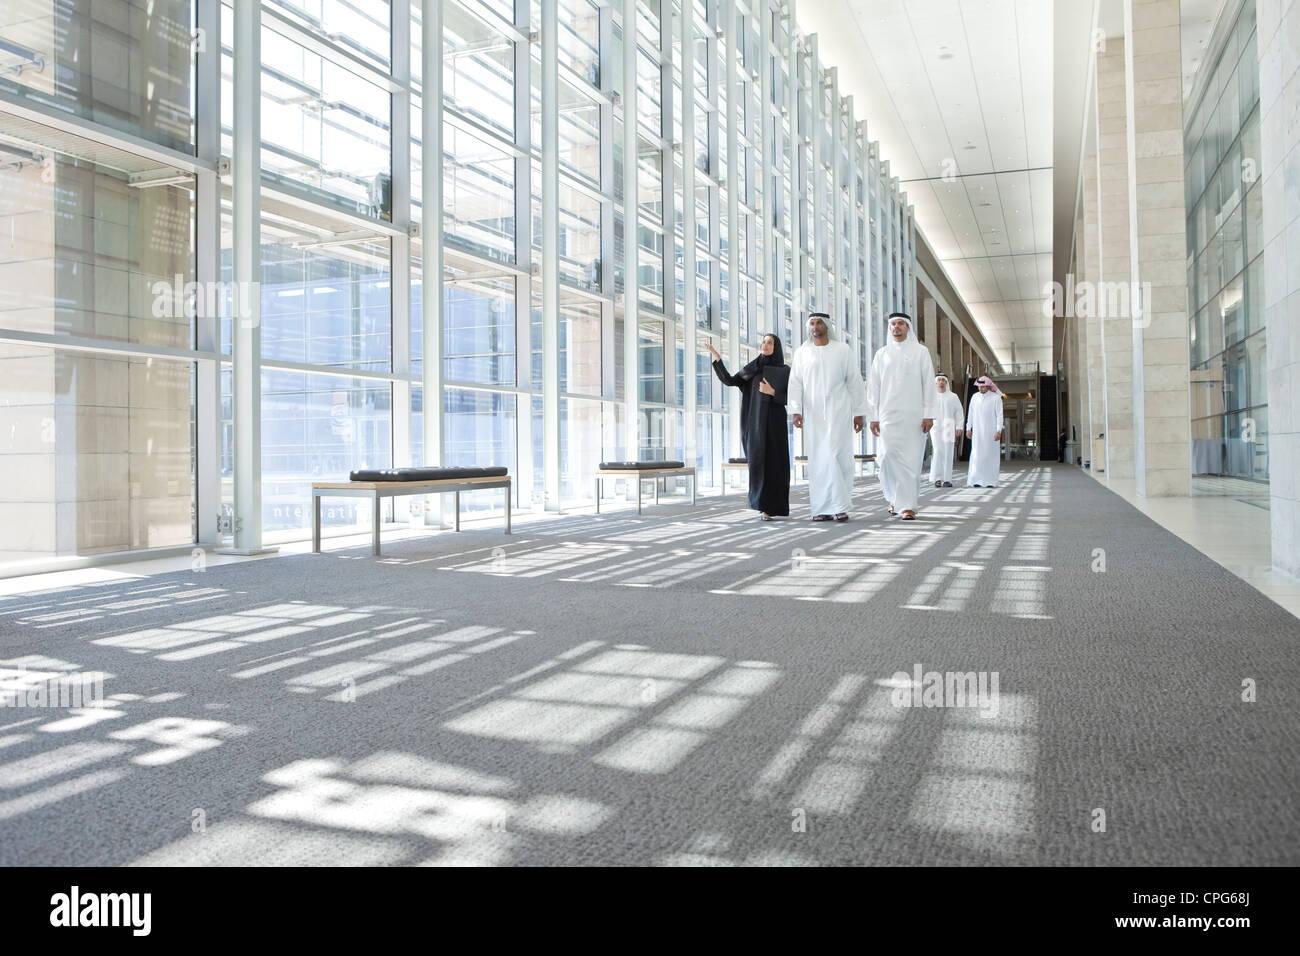 Personas hablando de negocios mientras caminaba por el pasillo de la oficina. Imagen De Stock